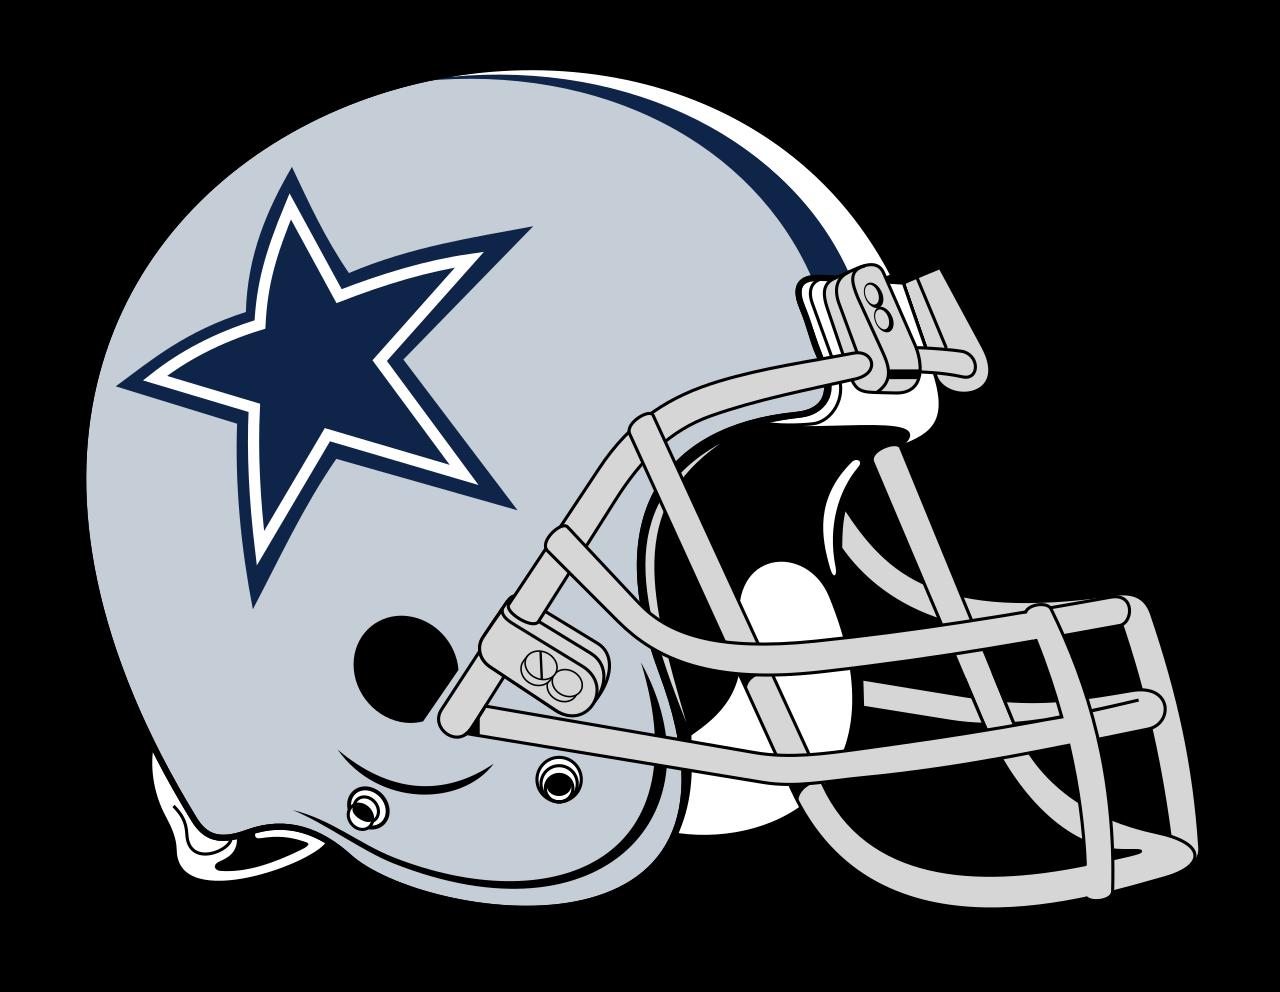 Logos wwwimgkidcom the image. Cowboys helmet png